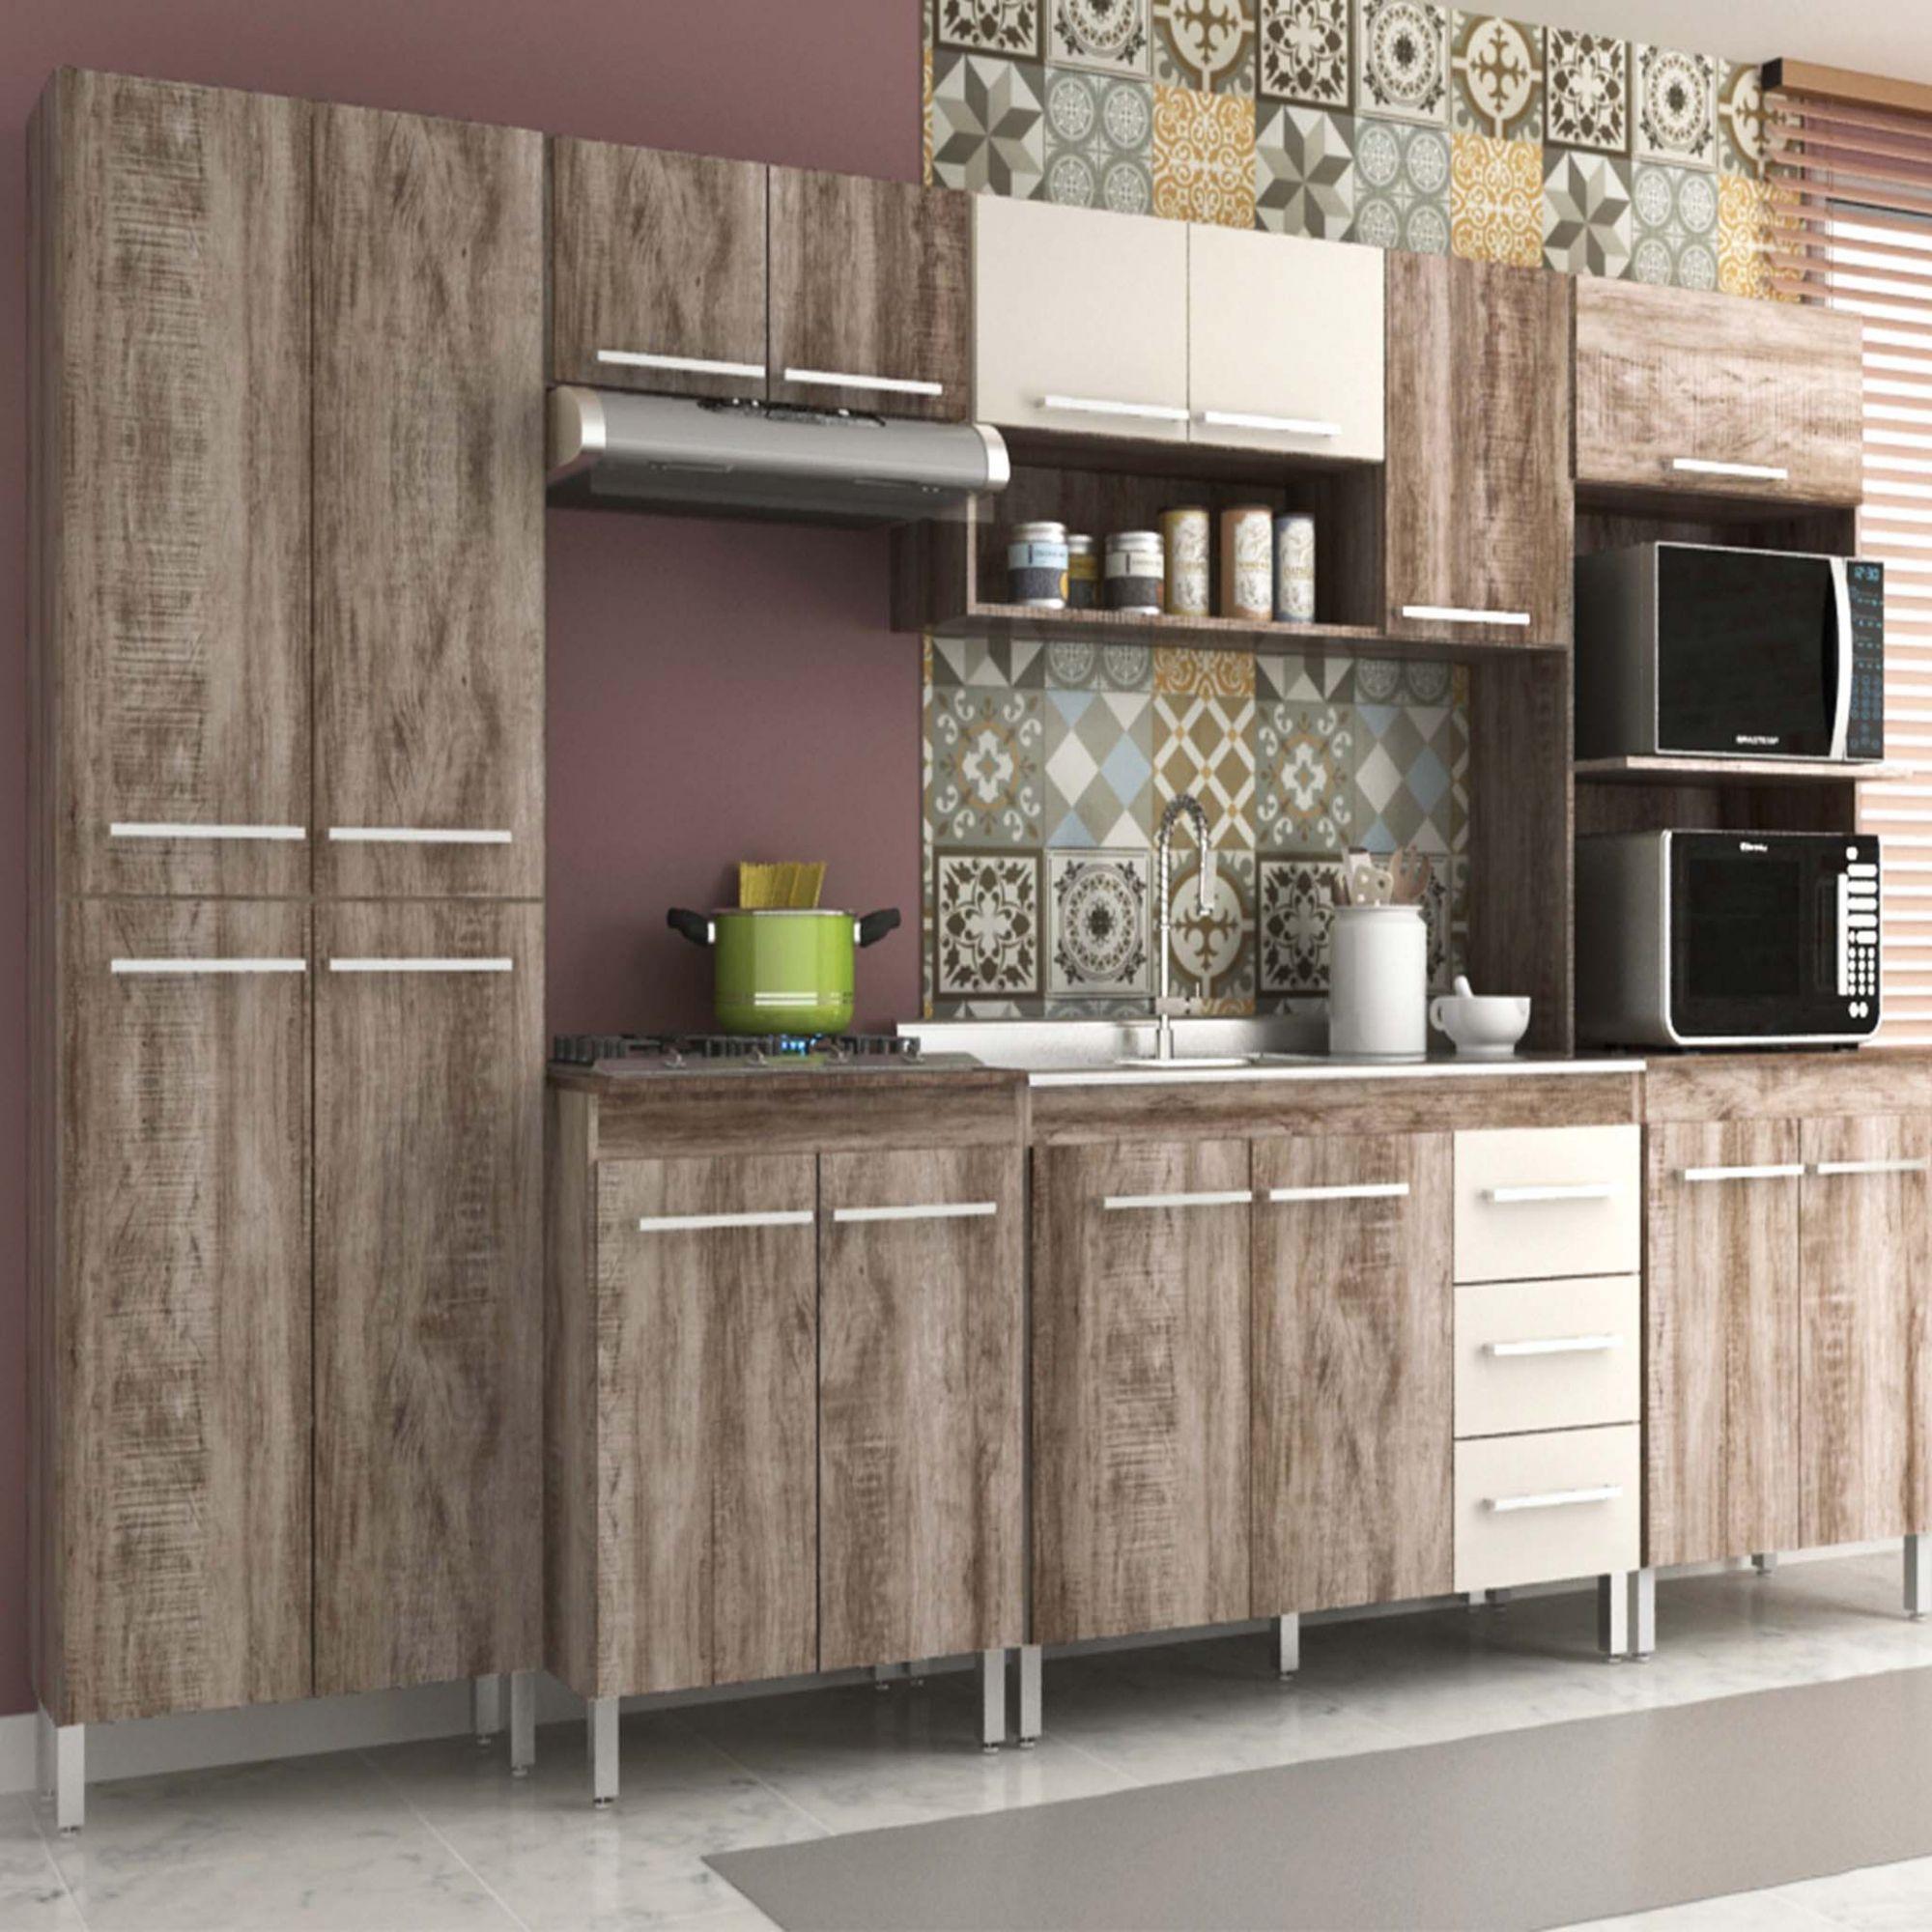 Cozinha Esportage completa  - Modia